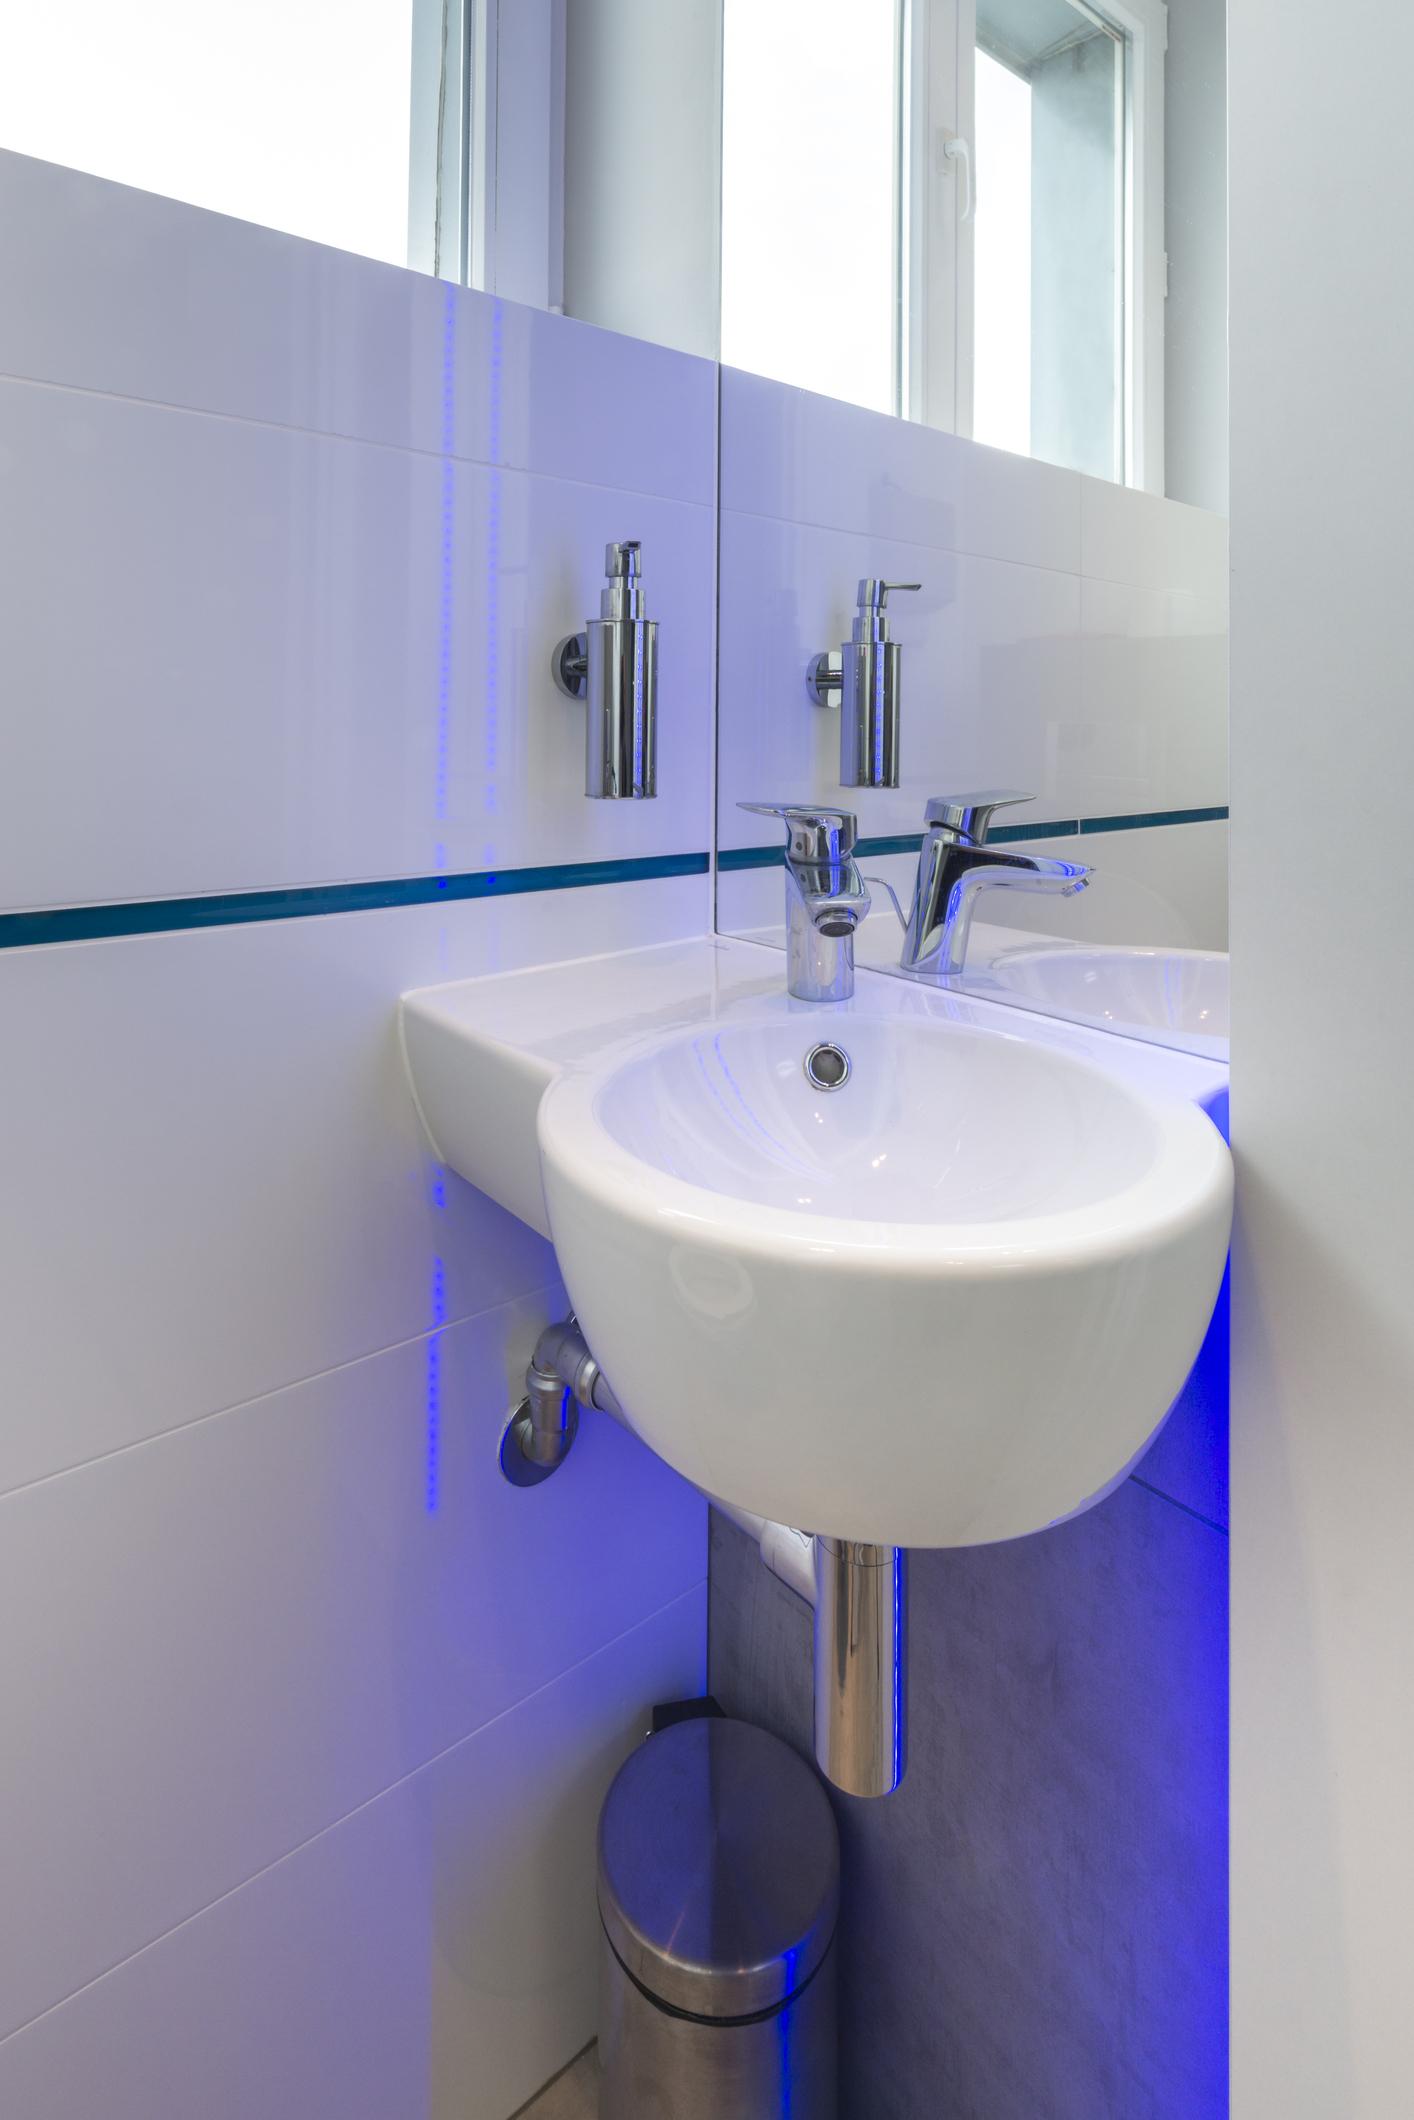 Nuove idee e consigli per progettare e arredare un bagno piccolo ...